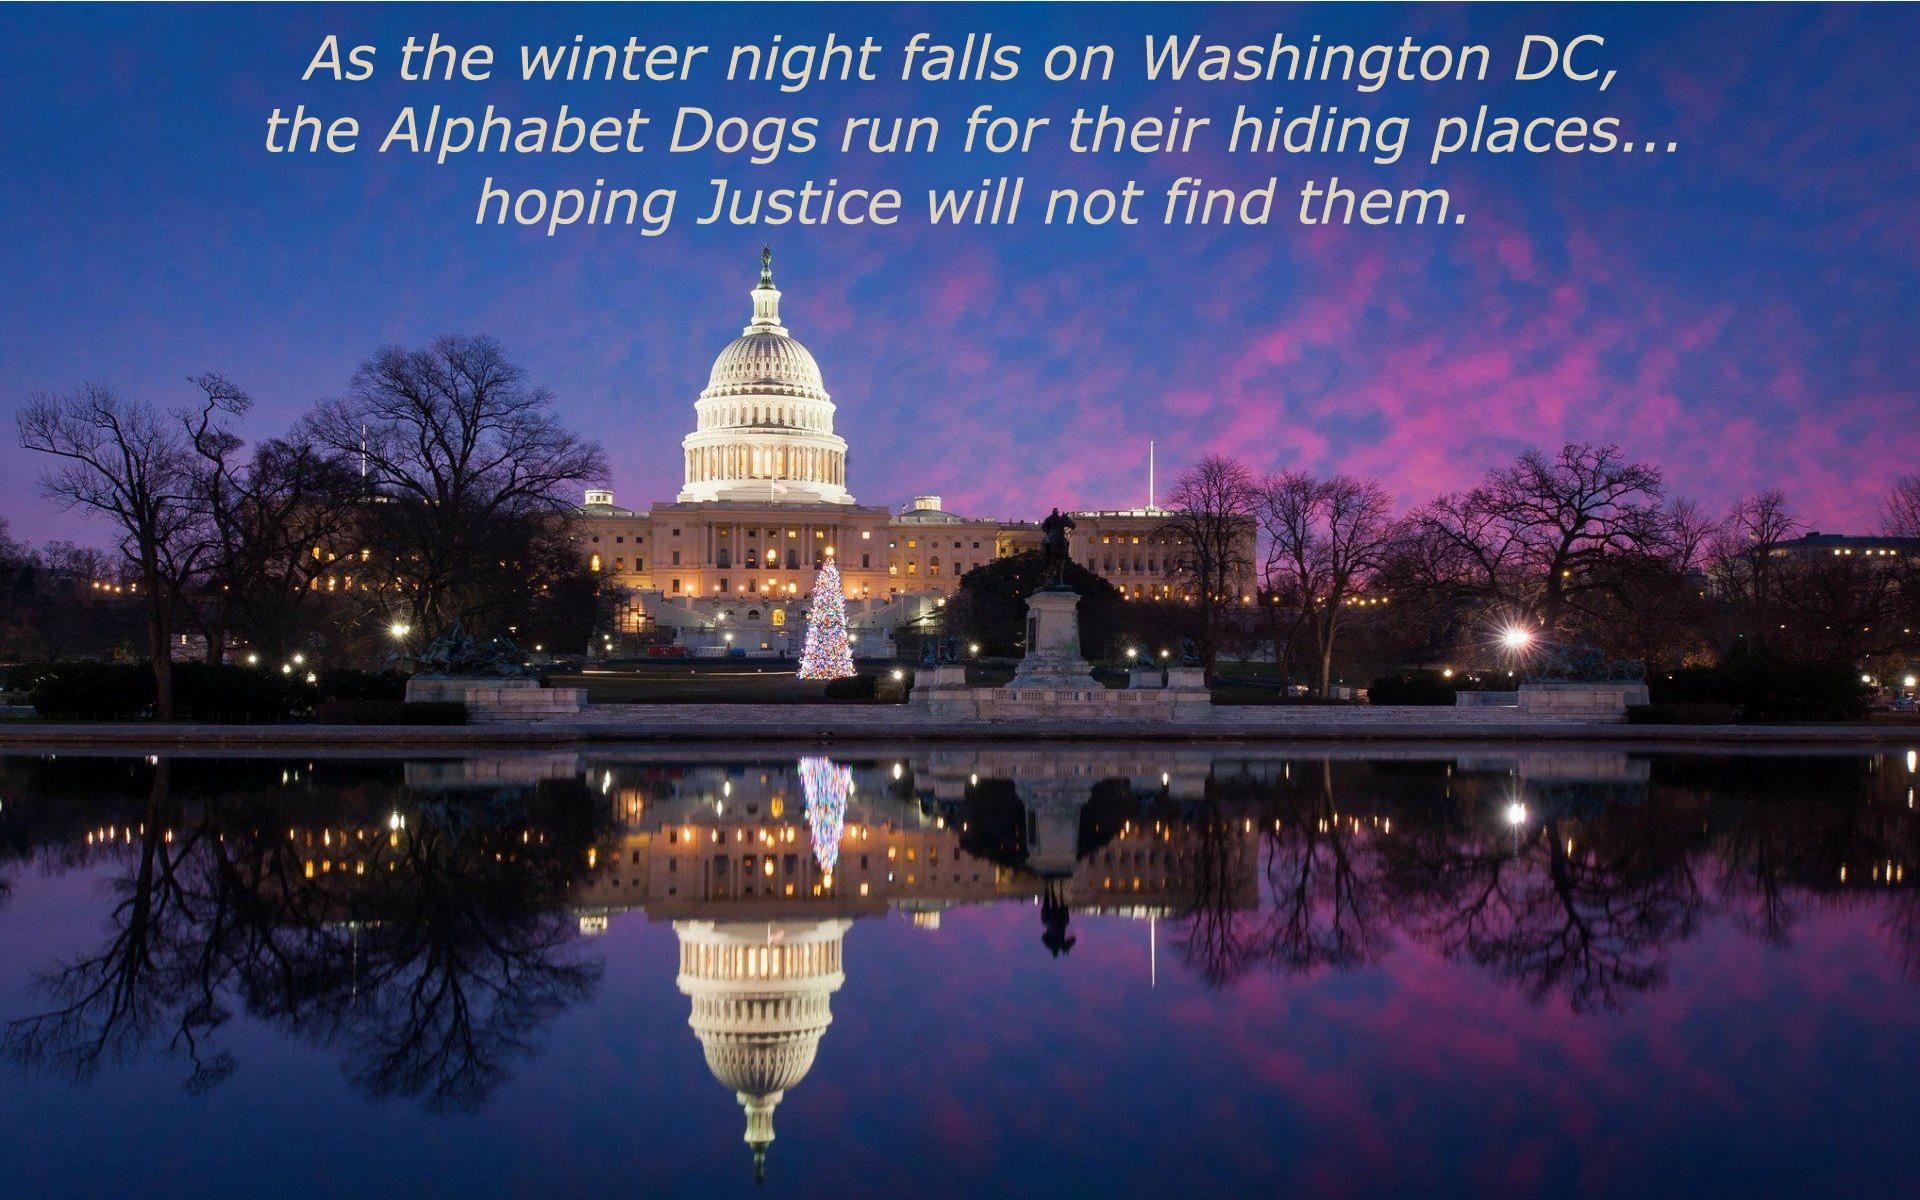 nightfalls on DC